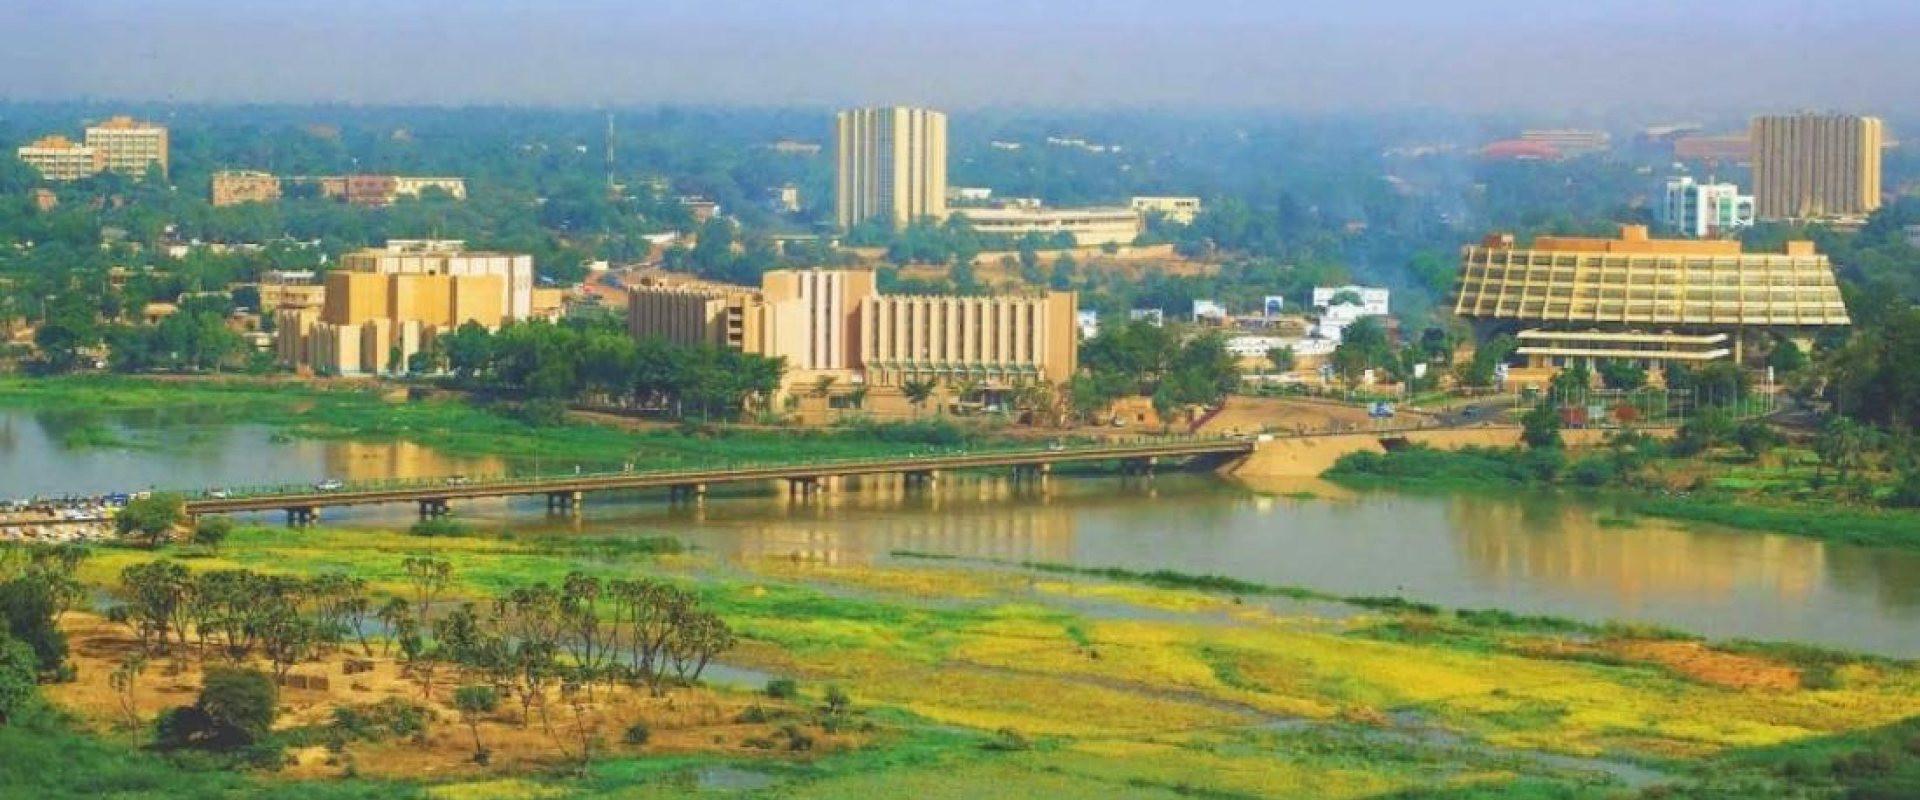 Khám phá đất nước ở Châu Phi bị Covid-19 'lãng quên' - 2